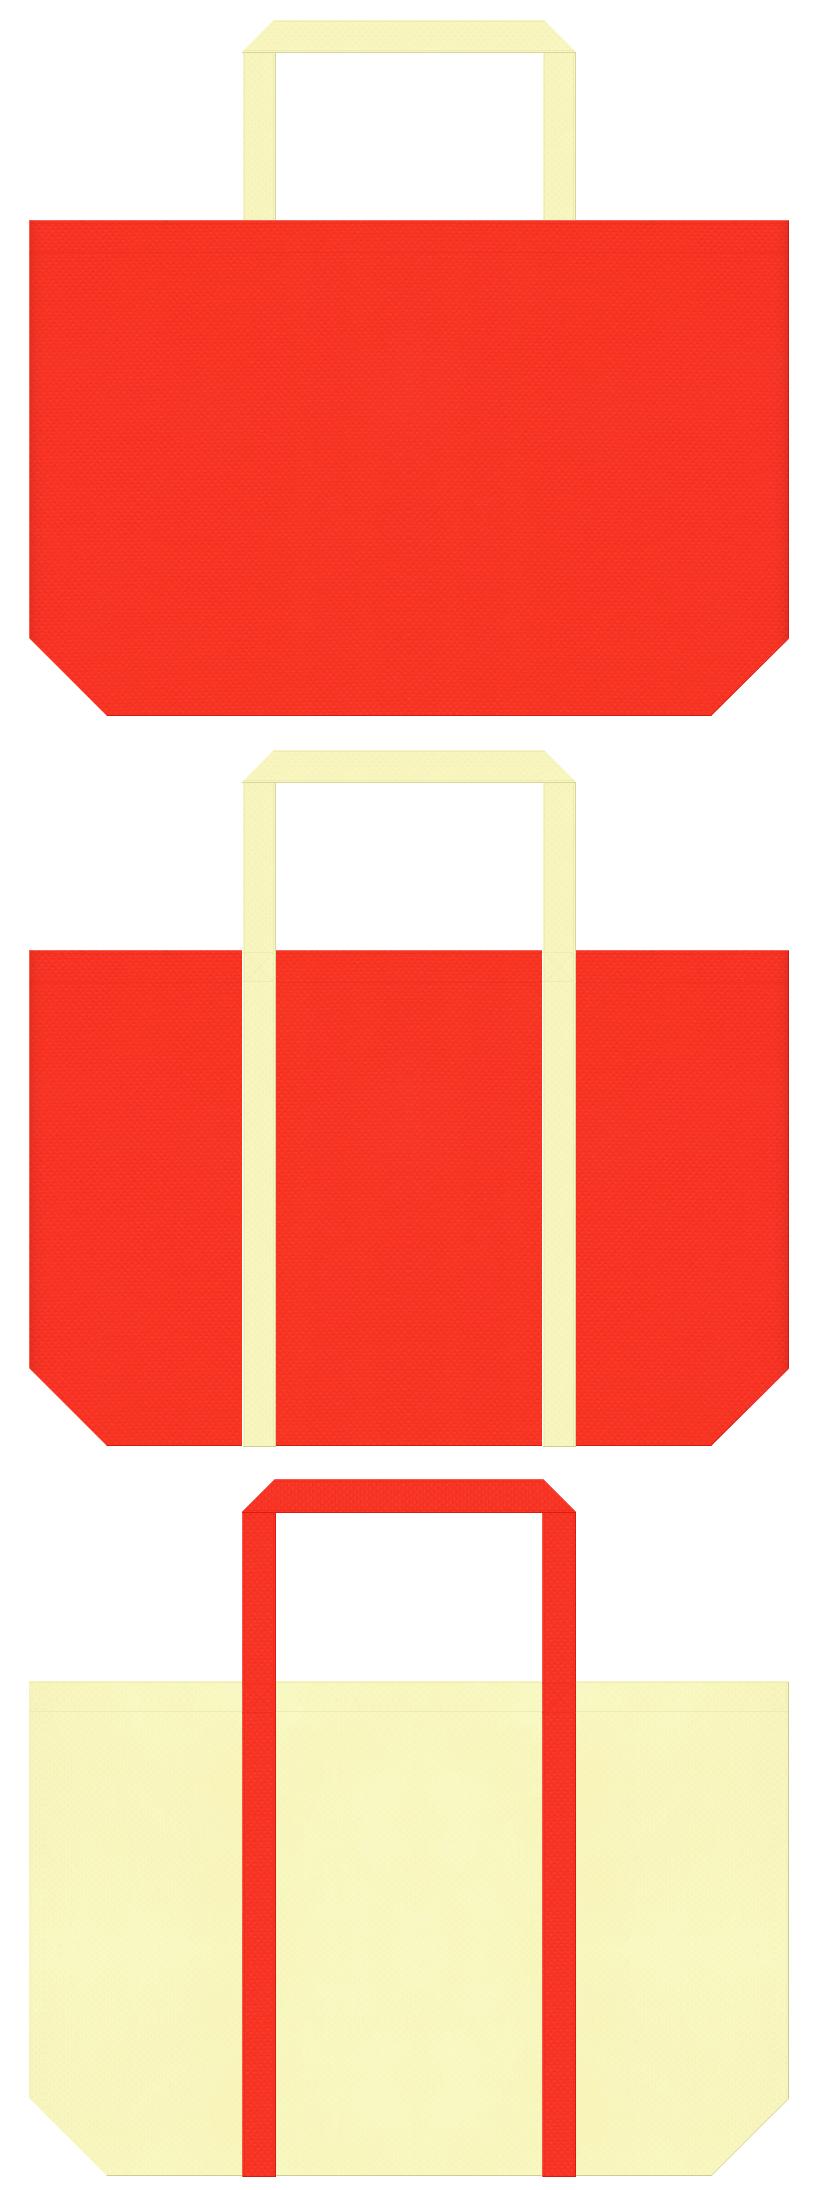 オレンジ色と薄黄色の不織布バッグデザイン。キッチン用品のショッピングバッグやランチバッグにお奨めです。